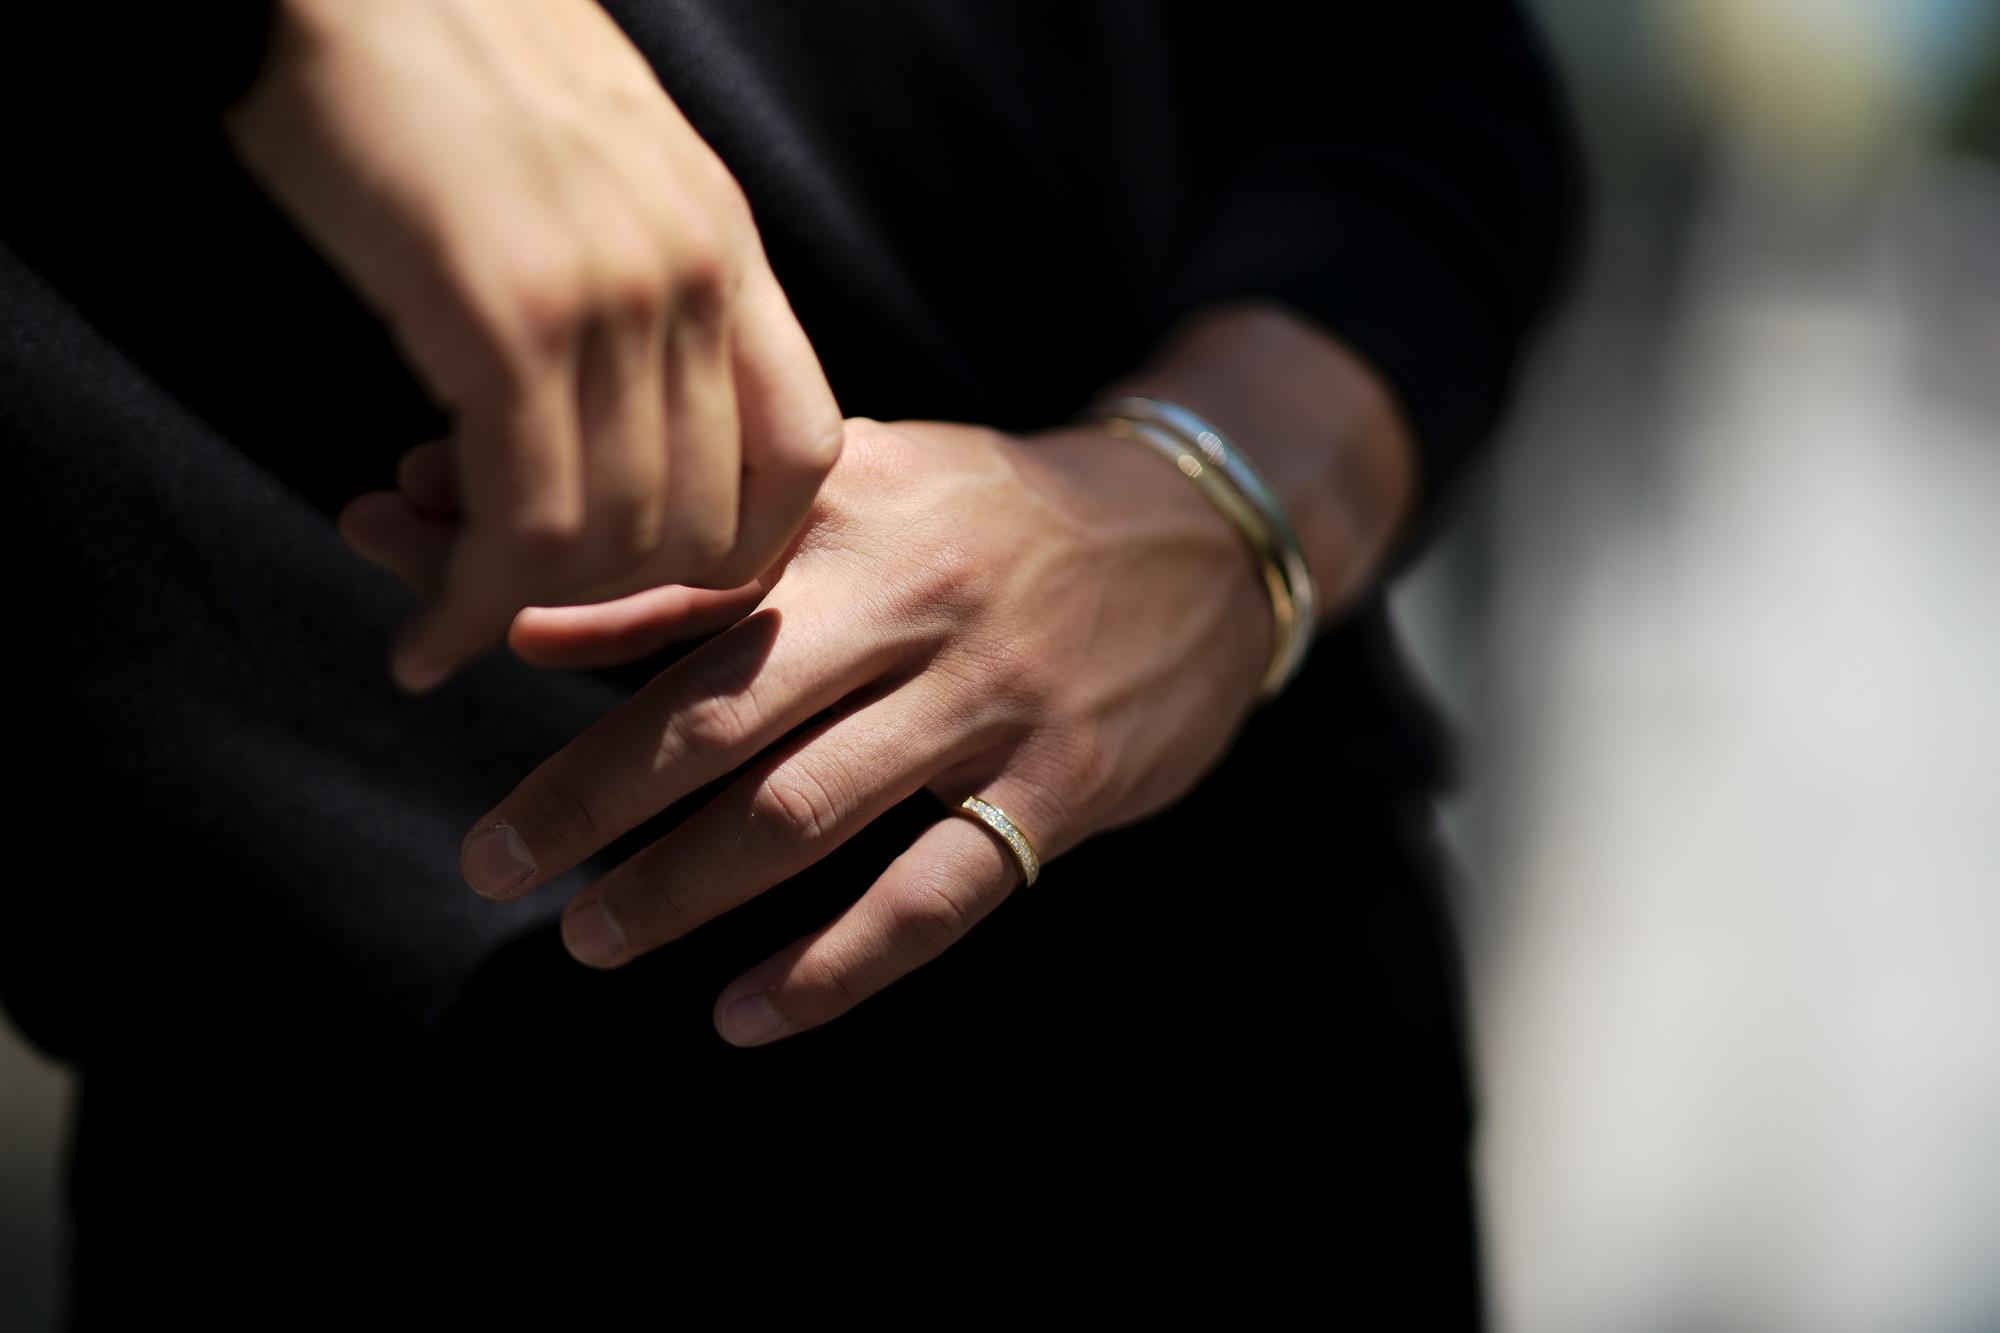 Georges de Patricia(ジョルジュ ド パトリシア) Wraith(レイス) 18K GOLD(18K ゴールド) WHITE DIAMOND(ホワイトダイヤモンド) ピンキーリング 2020 georgesdepatricia ジョルジュドパトリシア altoediritto アルトエデリット リング 指輪 18金 アクセサリー 愛知 名古屋